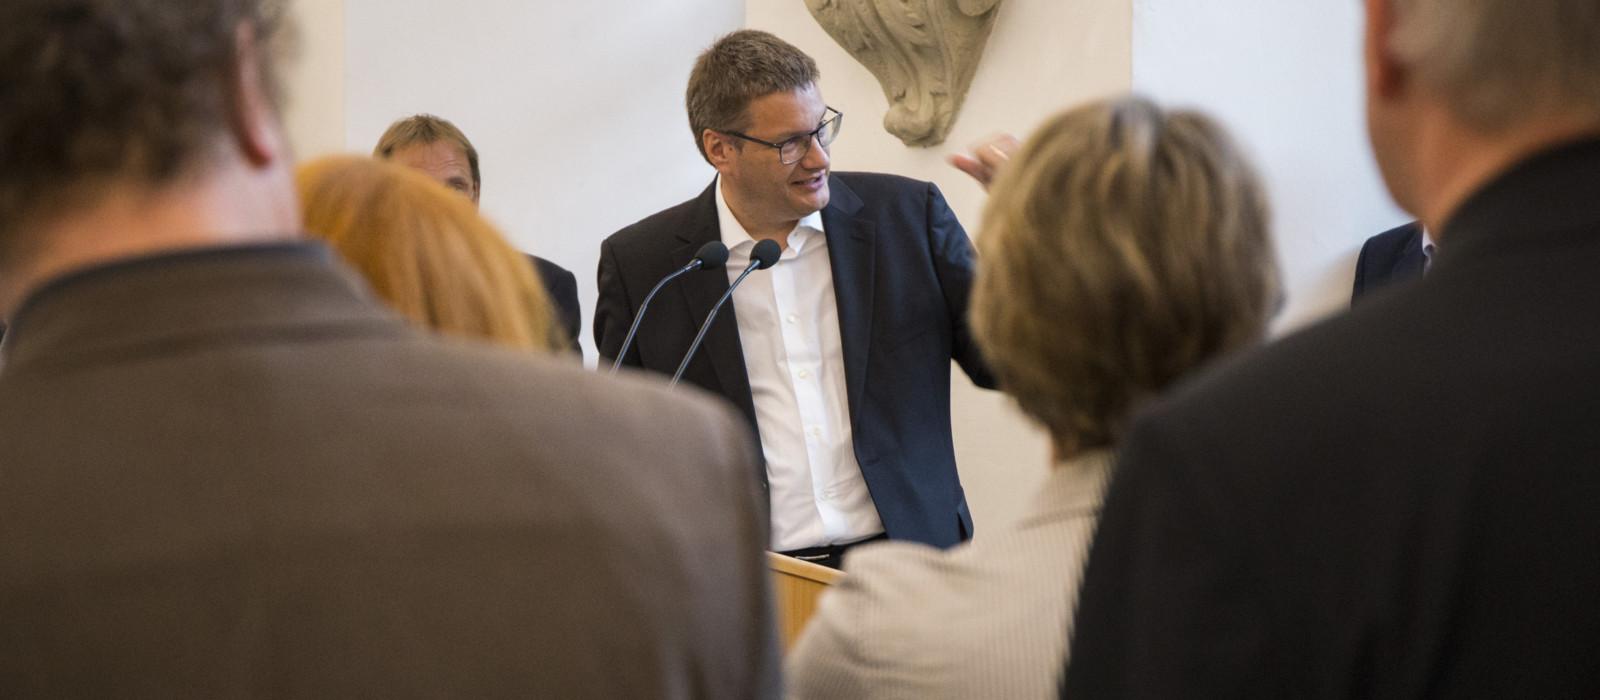 Präsident DMB bei Rede vor Menschenmende